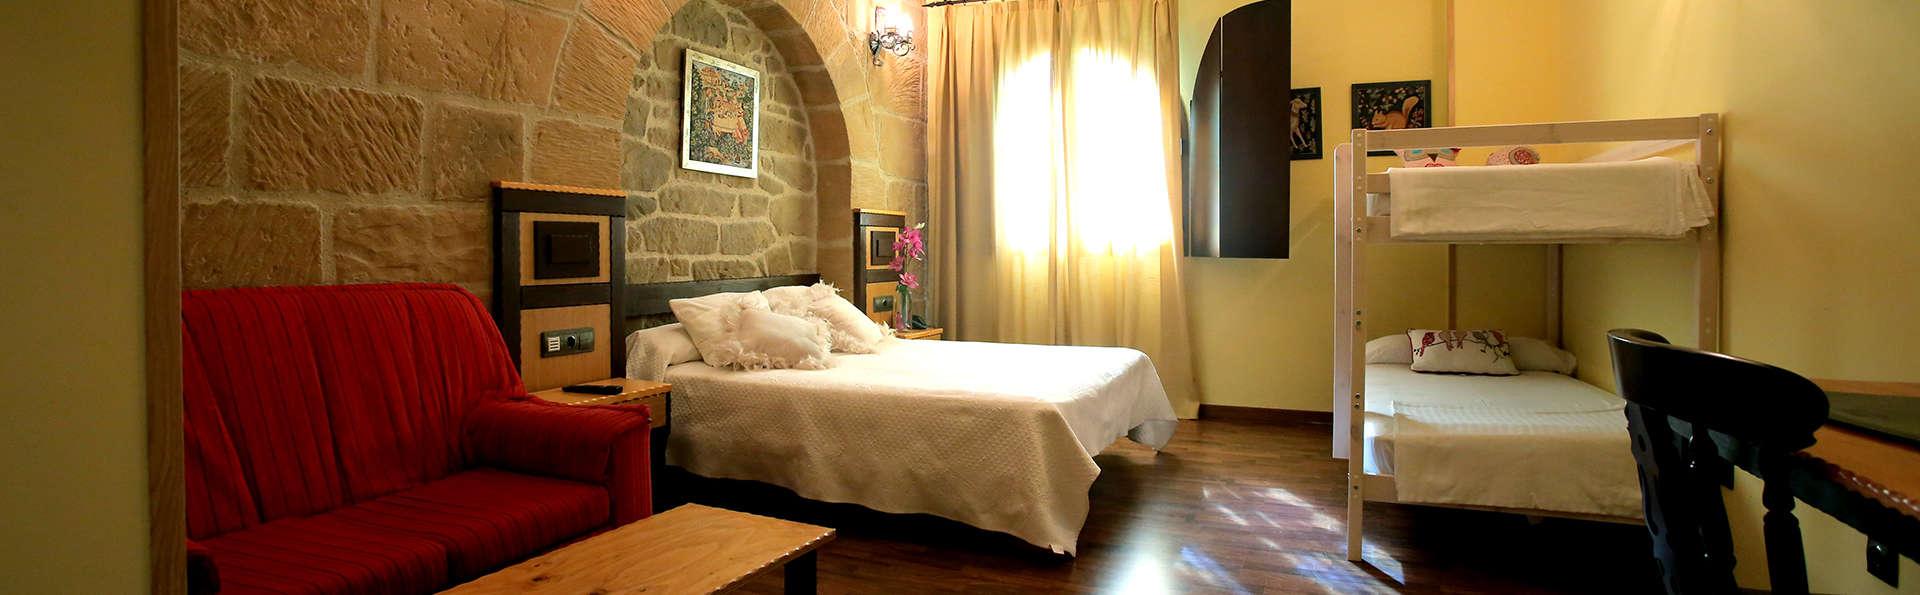 Hotel Castillo Bonavía - EDIT_NEW_Cuadruple5.jpg